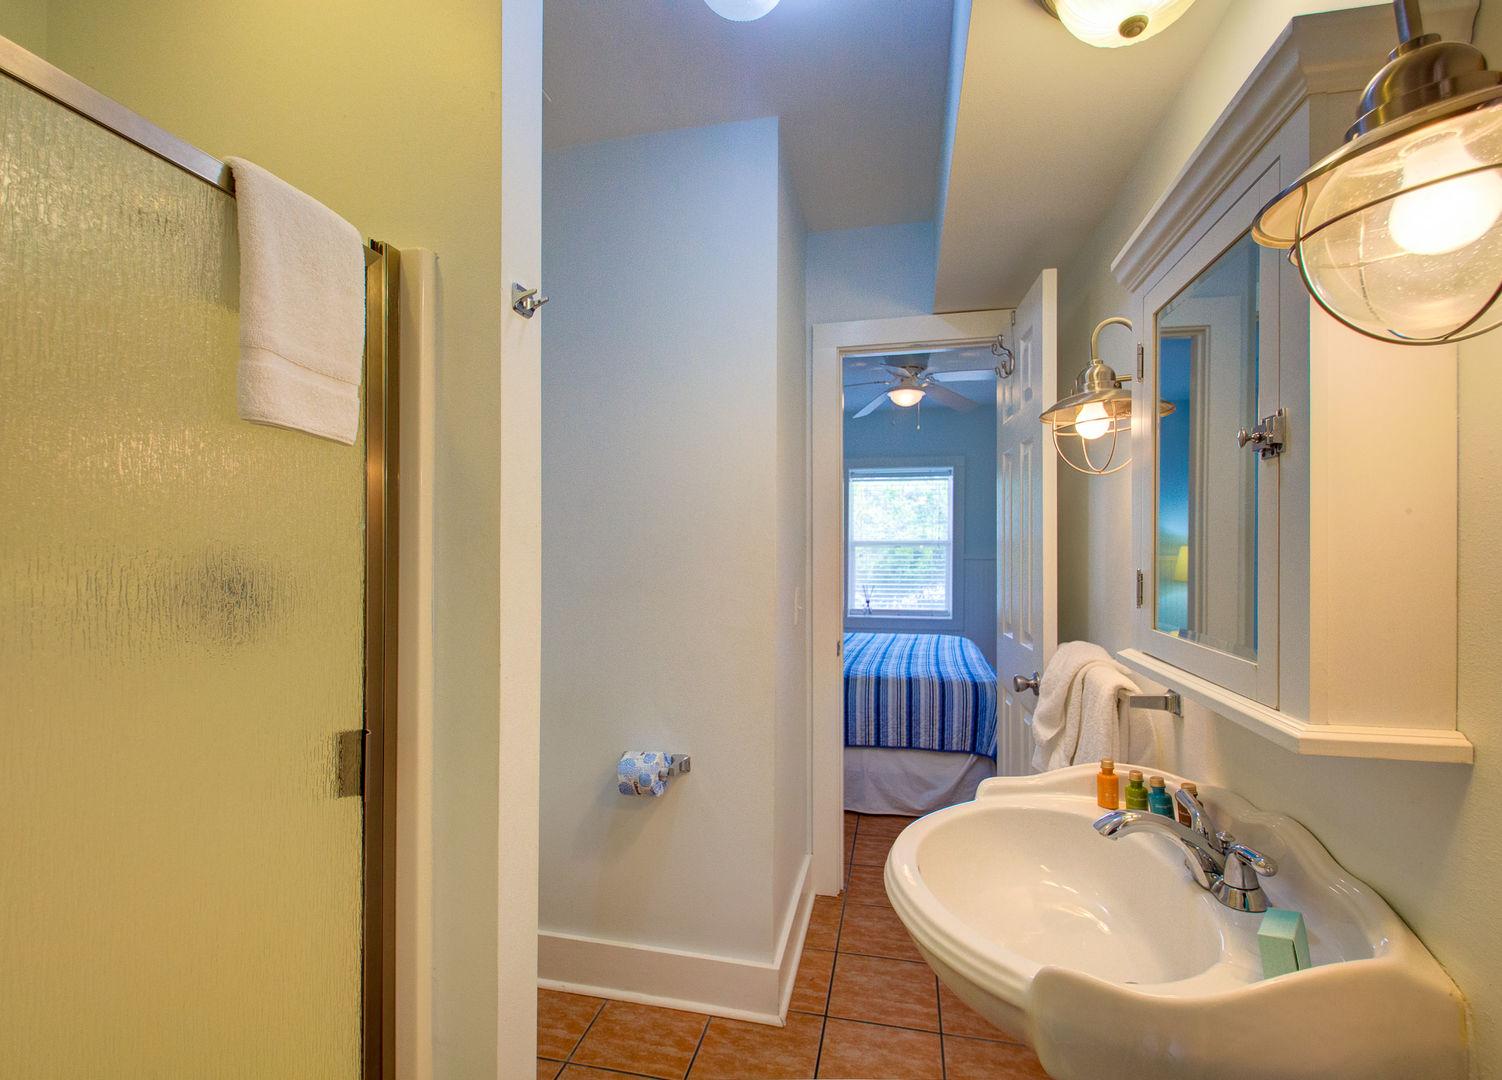 Pedestal Sink, Cabinet Mirror, and Shower.